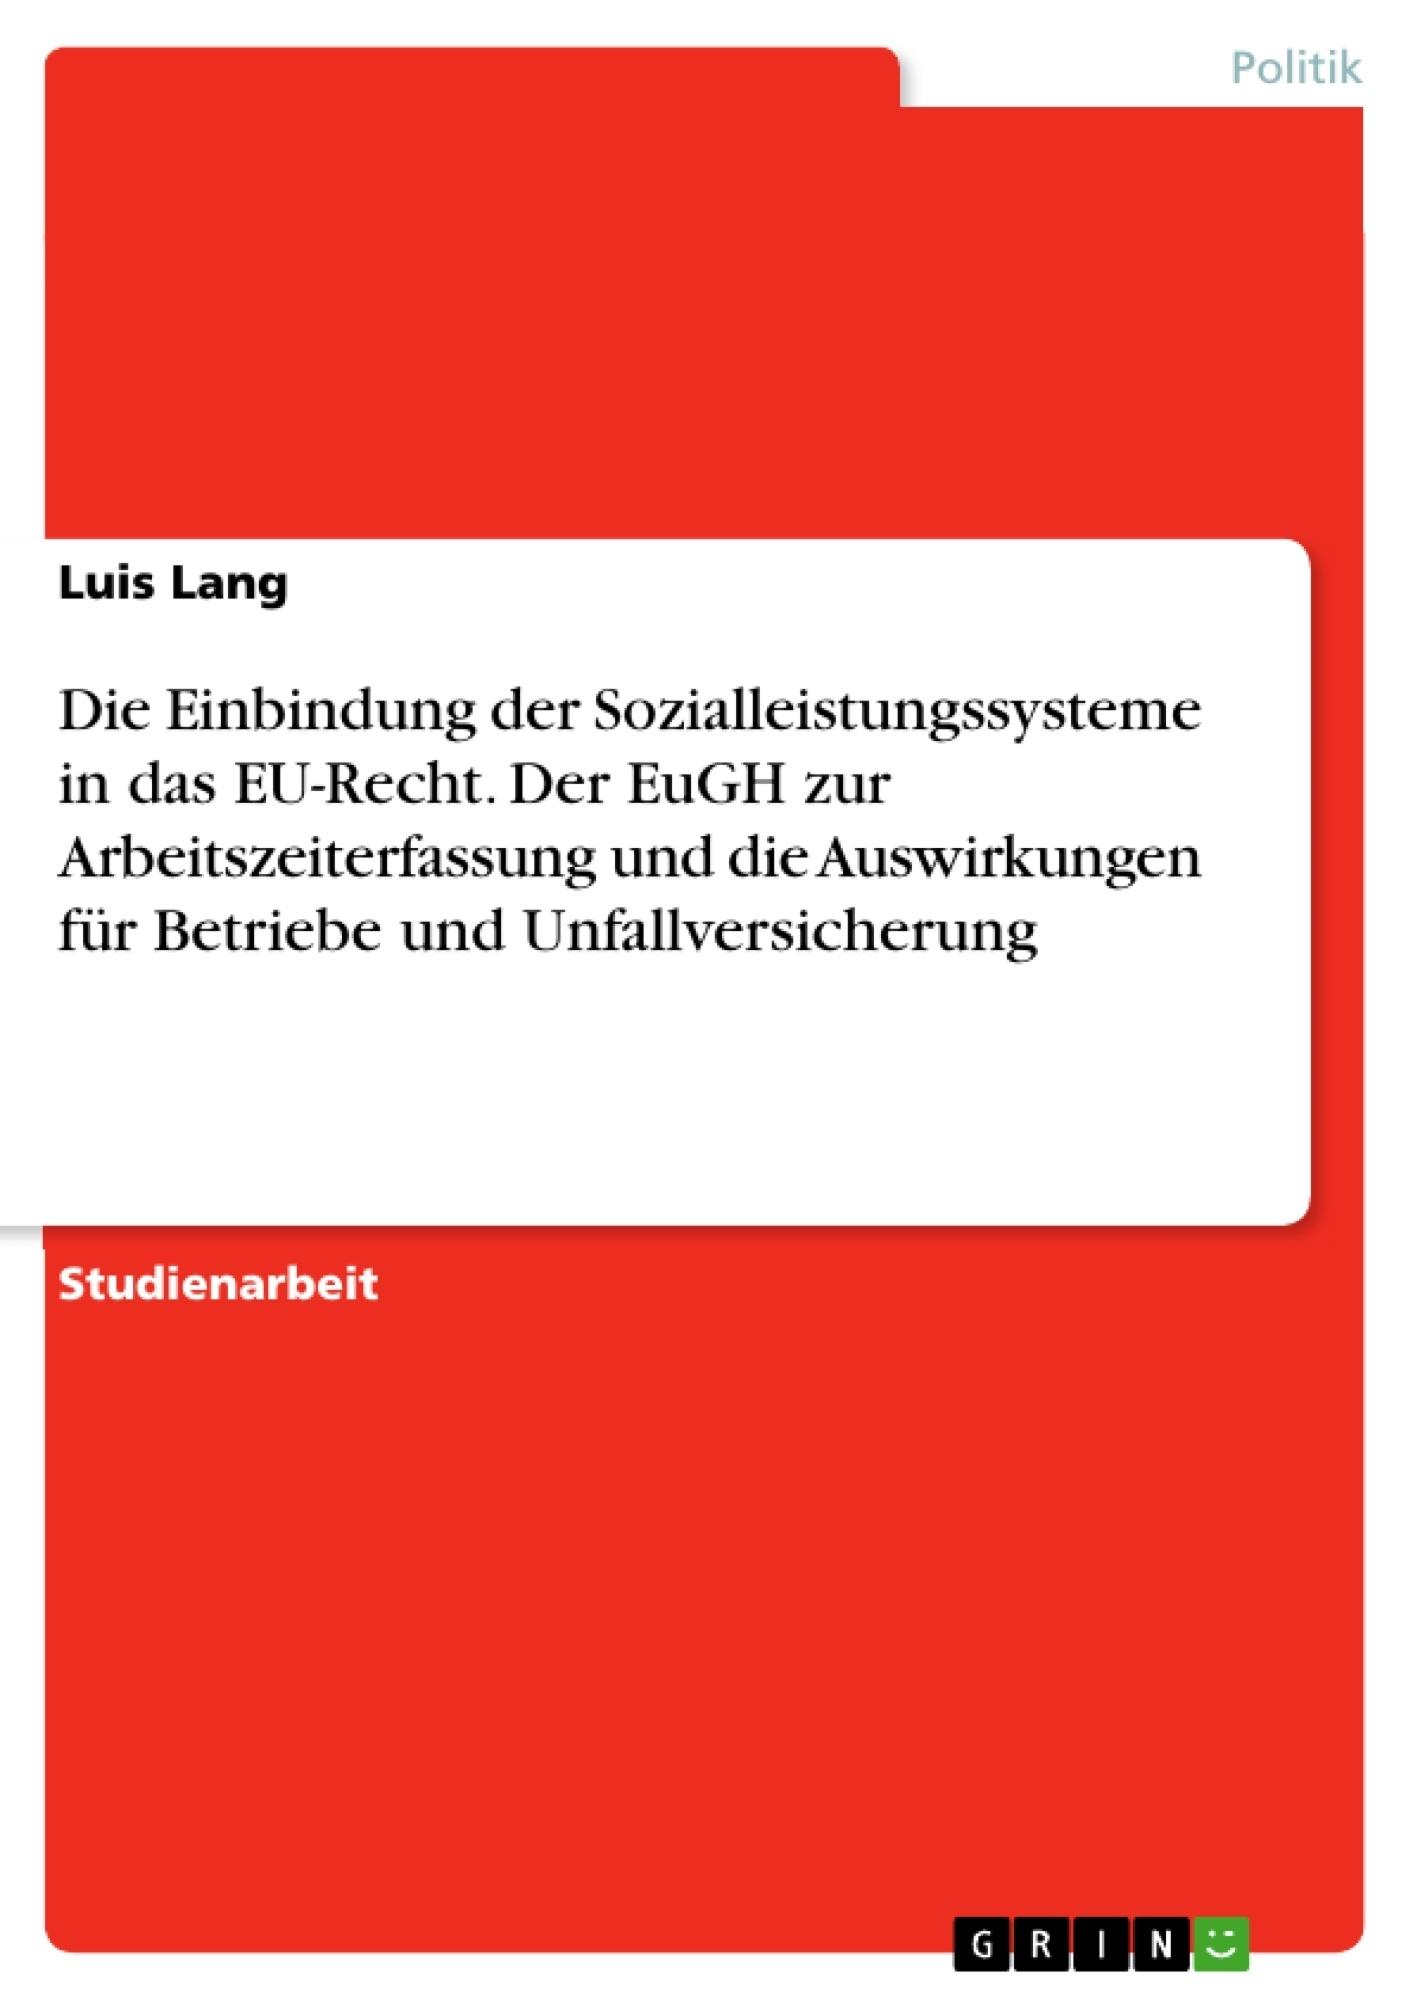 Titel: Die Einbindung der Sozialleistungssysteme in das EU-Recht. Der EuGH zur Arbeitszeiterfassung und die Auswirkungen für Betriebe und Unfallversicherung